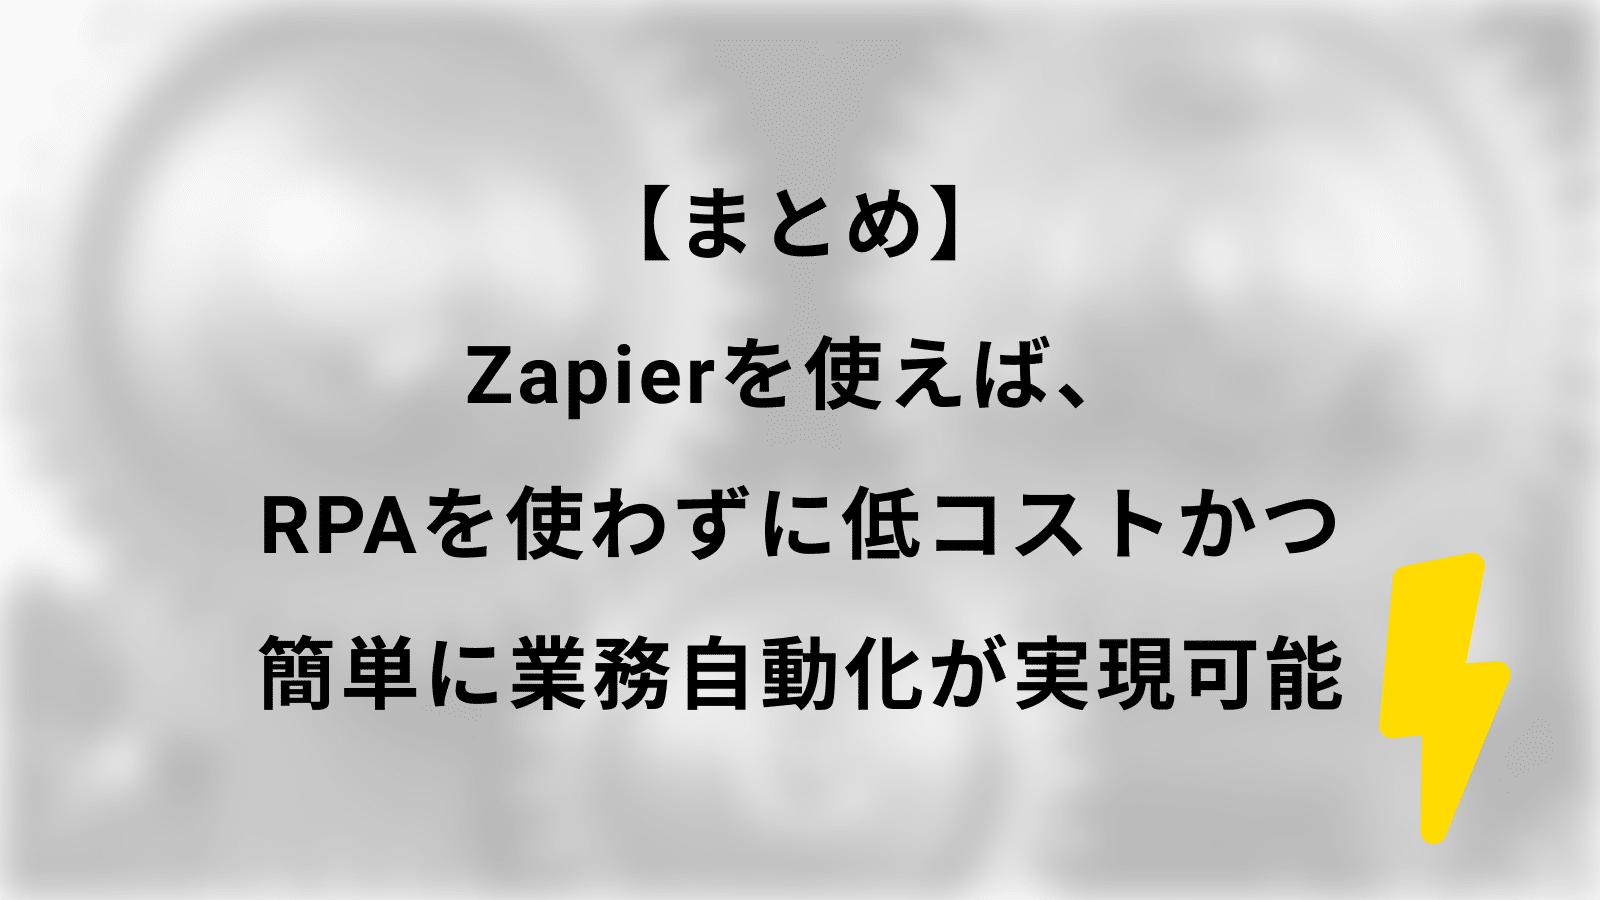 【まとめ】Zapierを使えば、RPAを使わずに低コストかつ簡単に業務自動化が実現可能